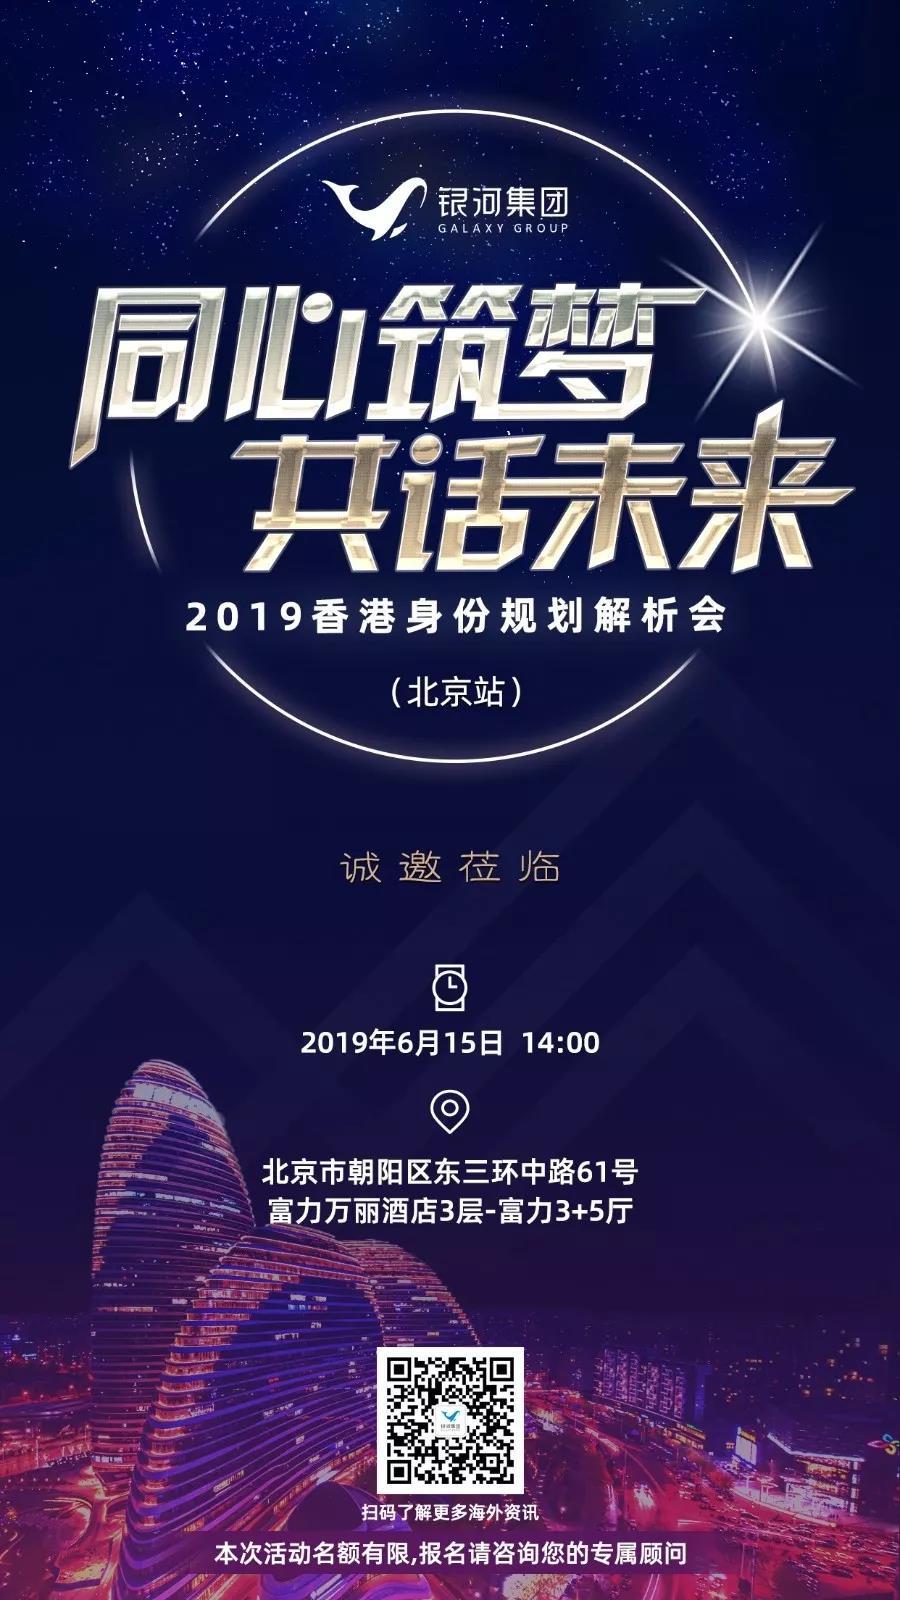 三城联动银河诚邀您莅临2019香港身份规划解析会